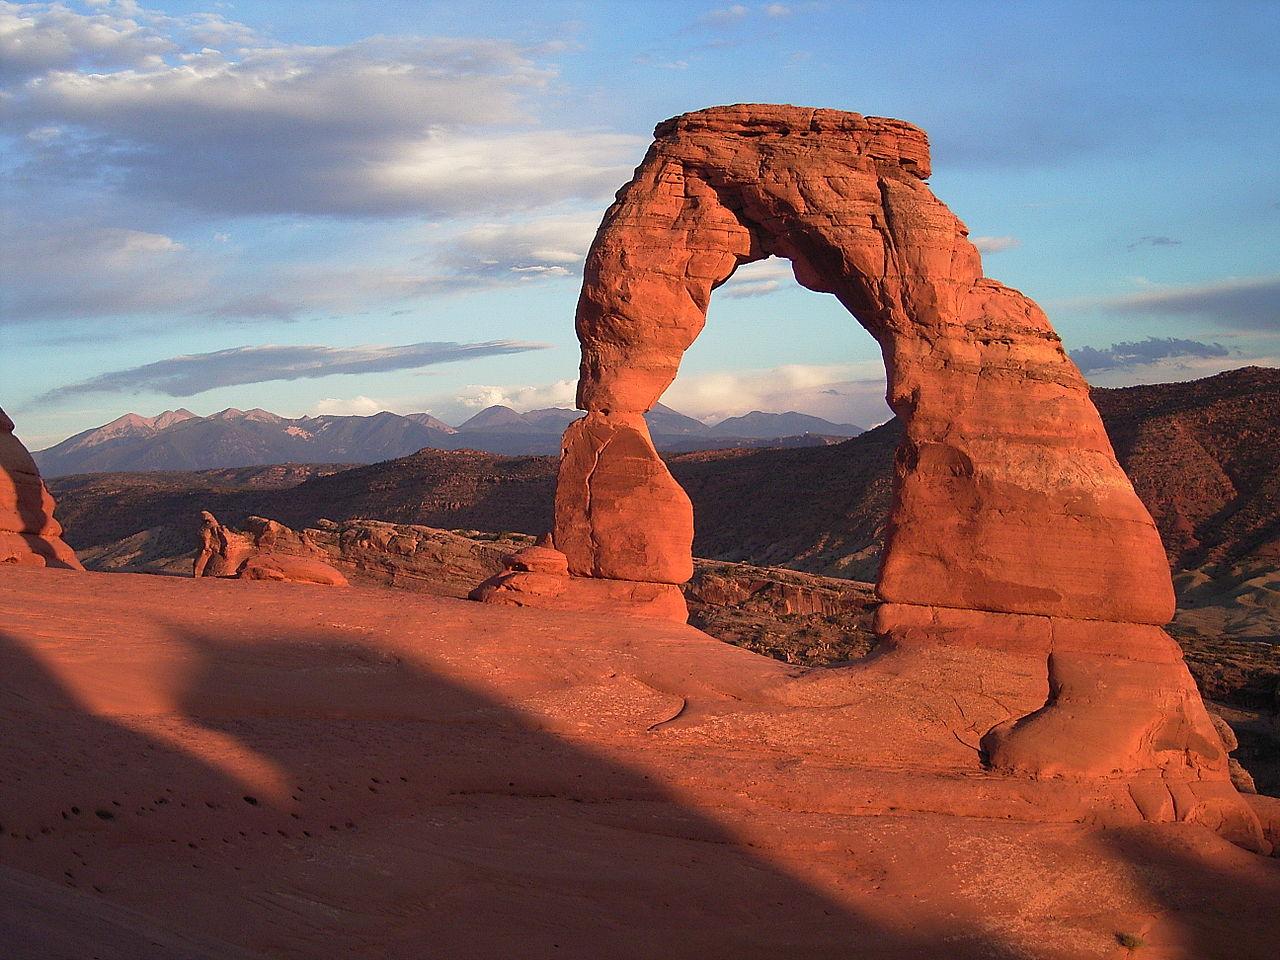 Изящная арка на закате.Национальный Парк Арки (англ. Arches National Park) — национальный парк США, расположенный в штате Юта